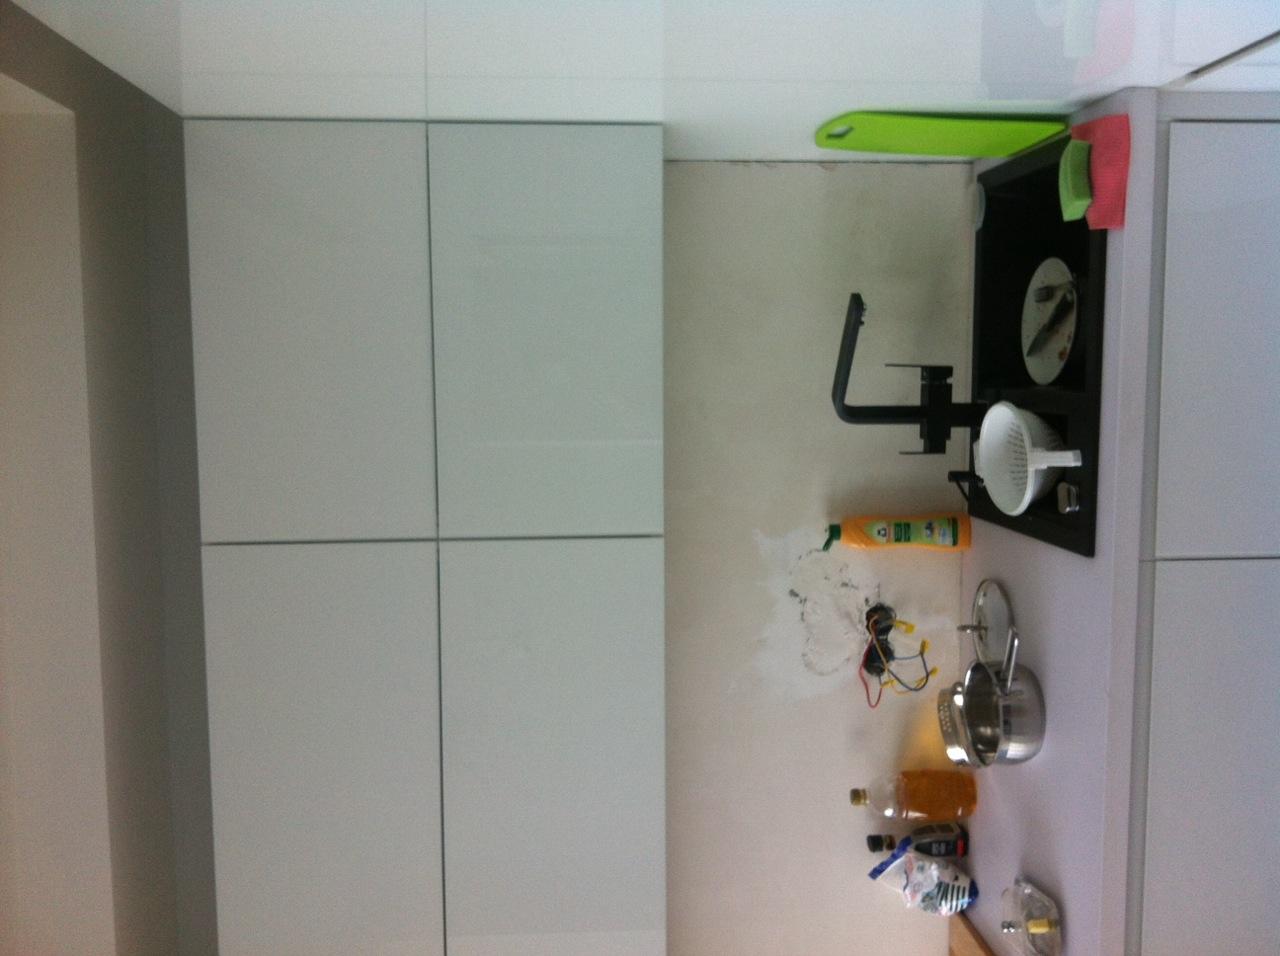 Кухня из стеклянных мебельных фасадов от компании Sagrado